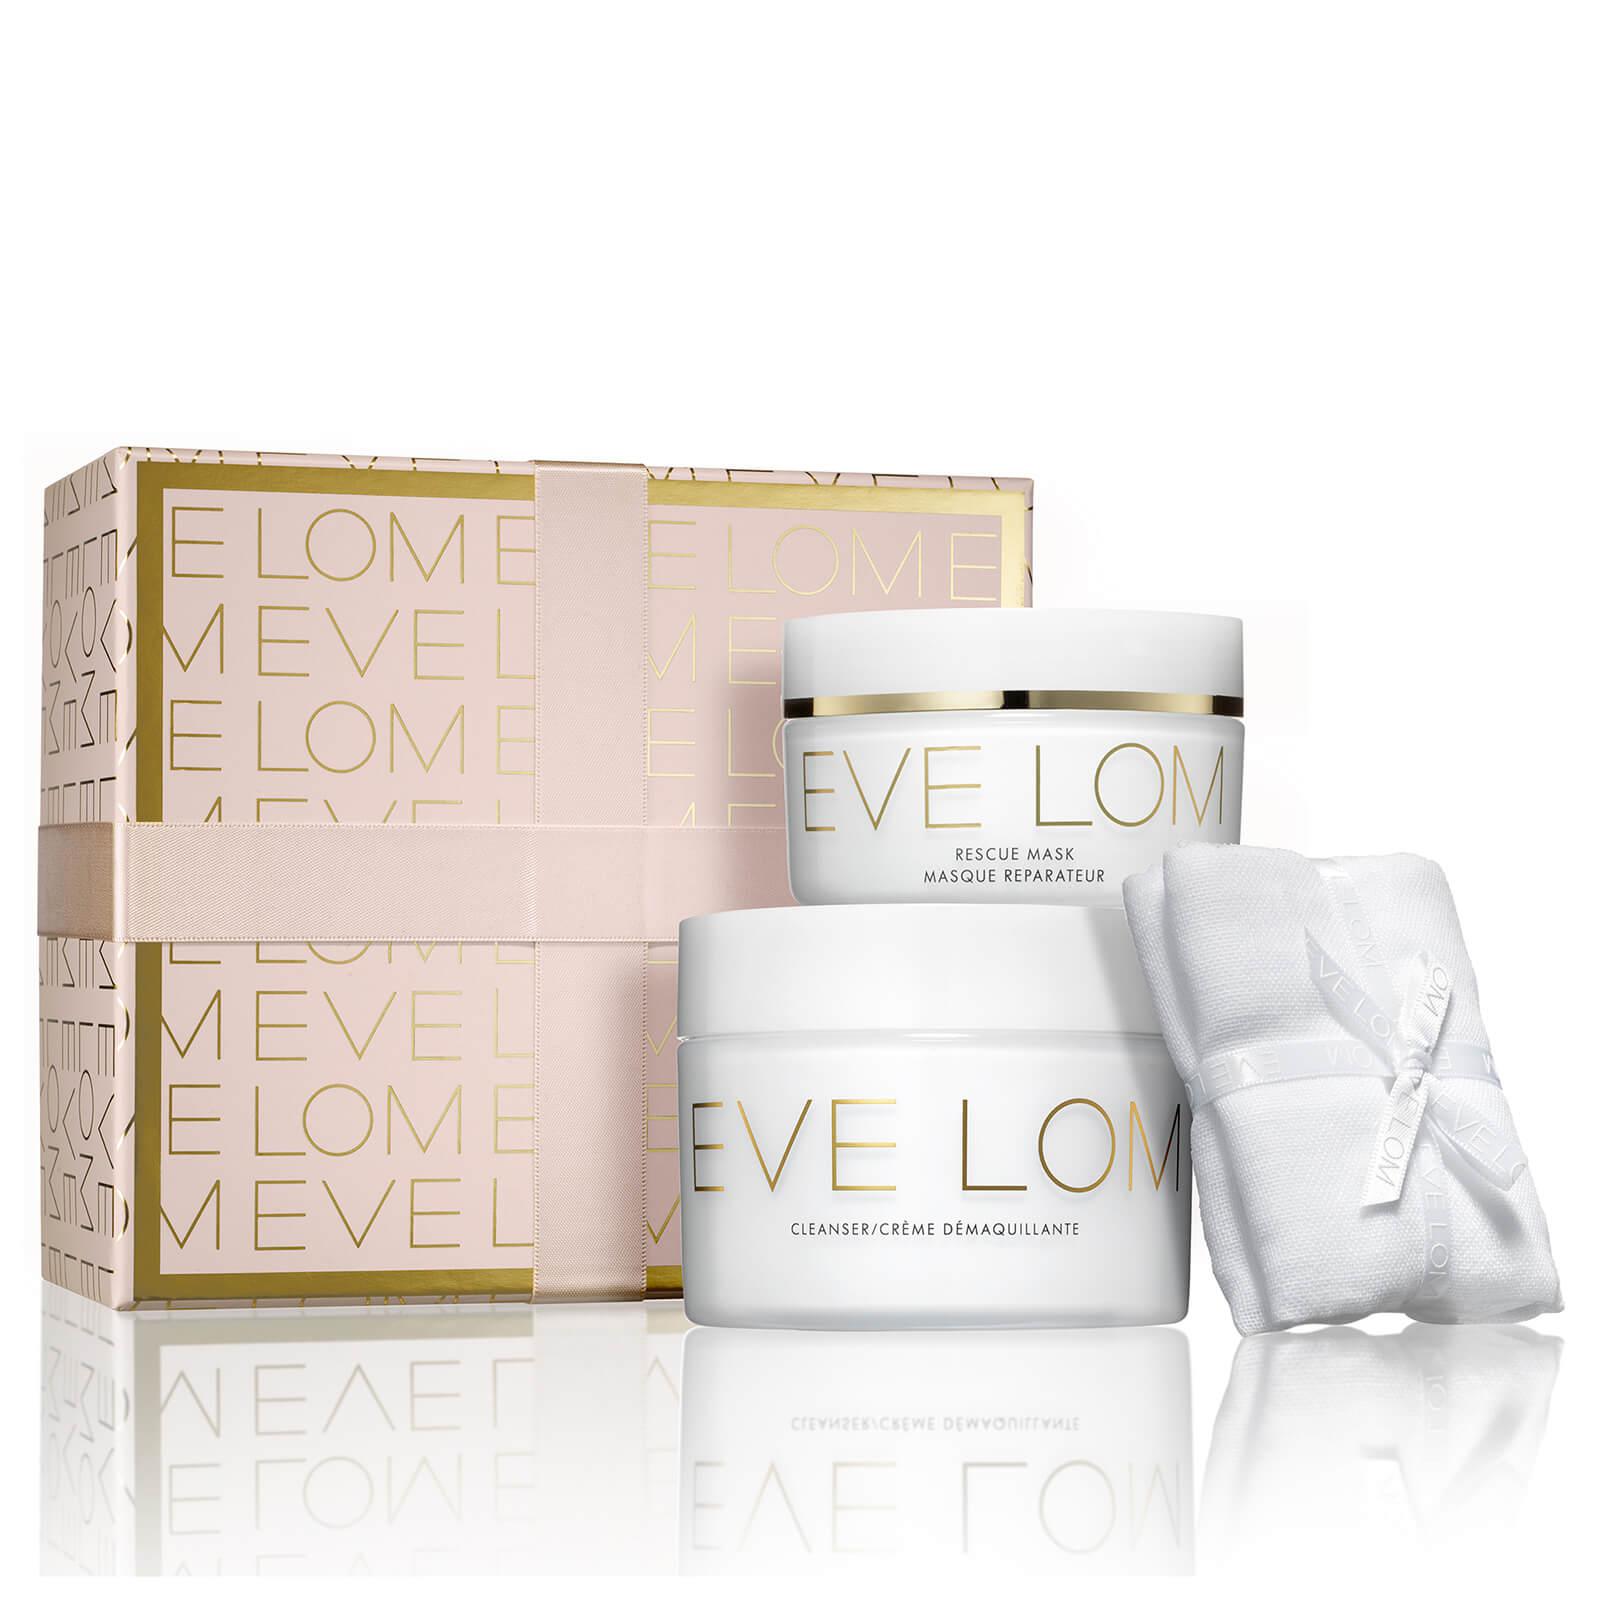 EVE LOM 圣誕禮盒 卸妝膏200ml+急救面膜100ml+潔面巾